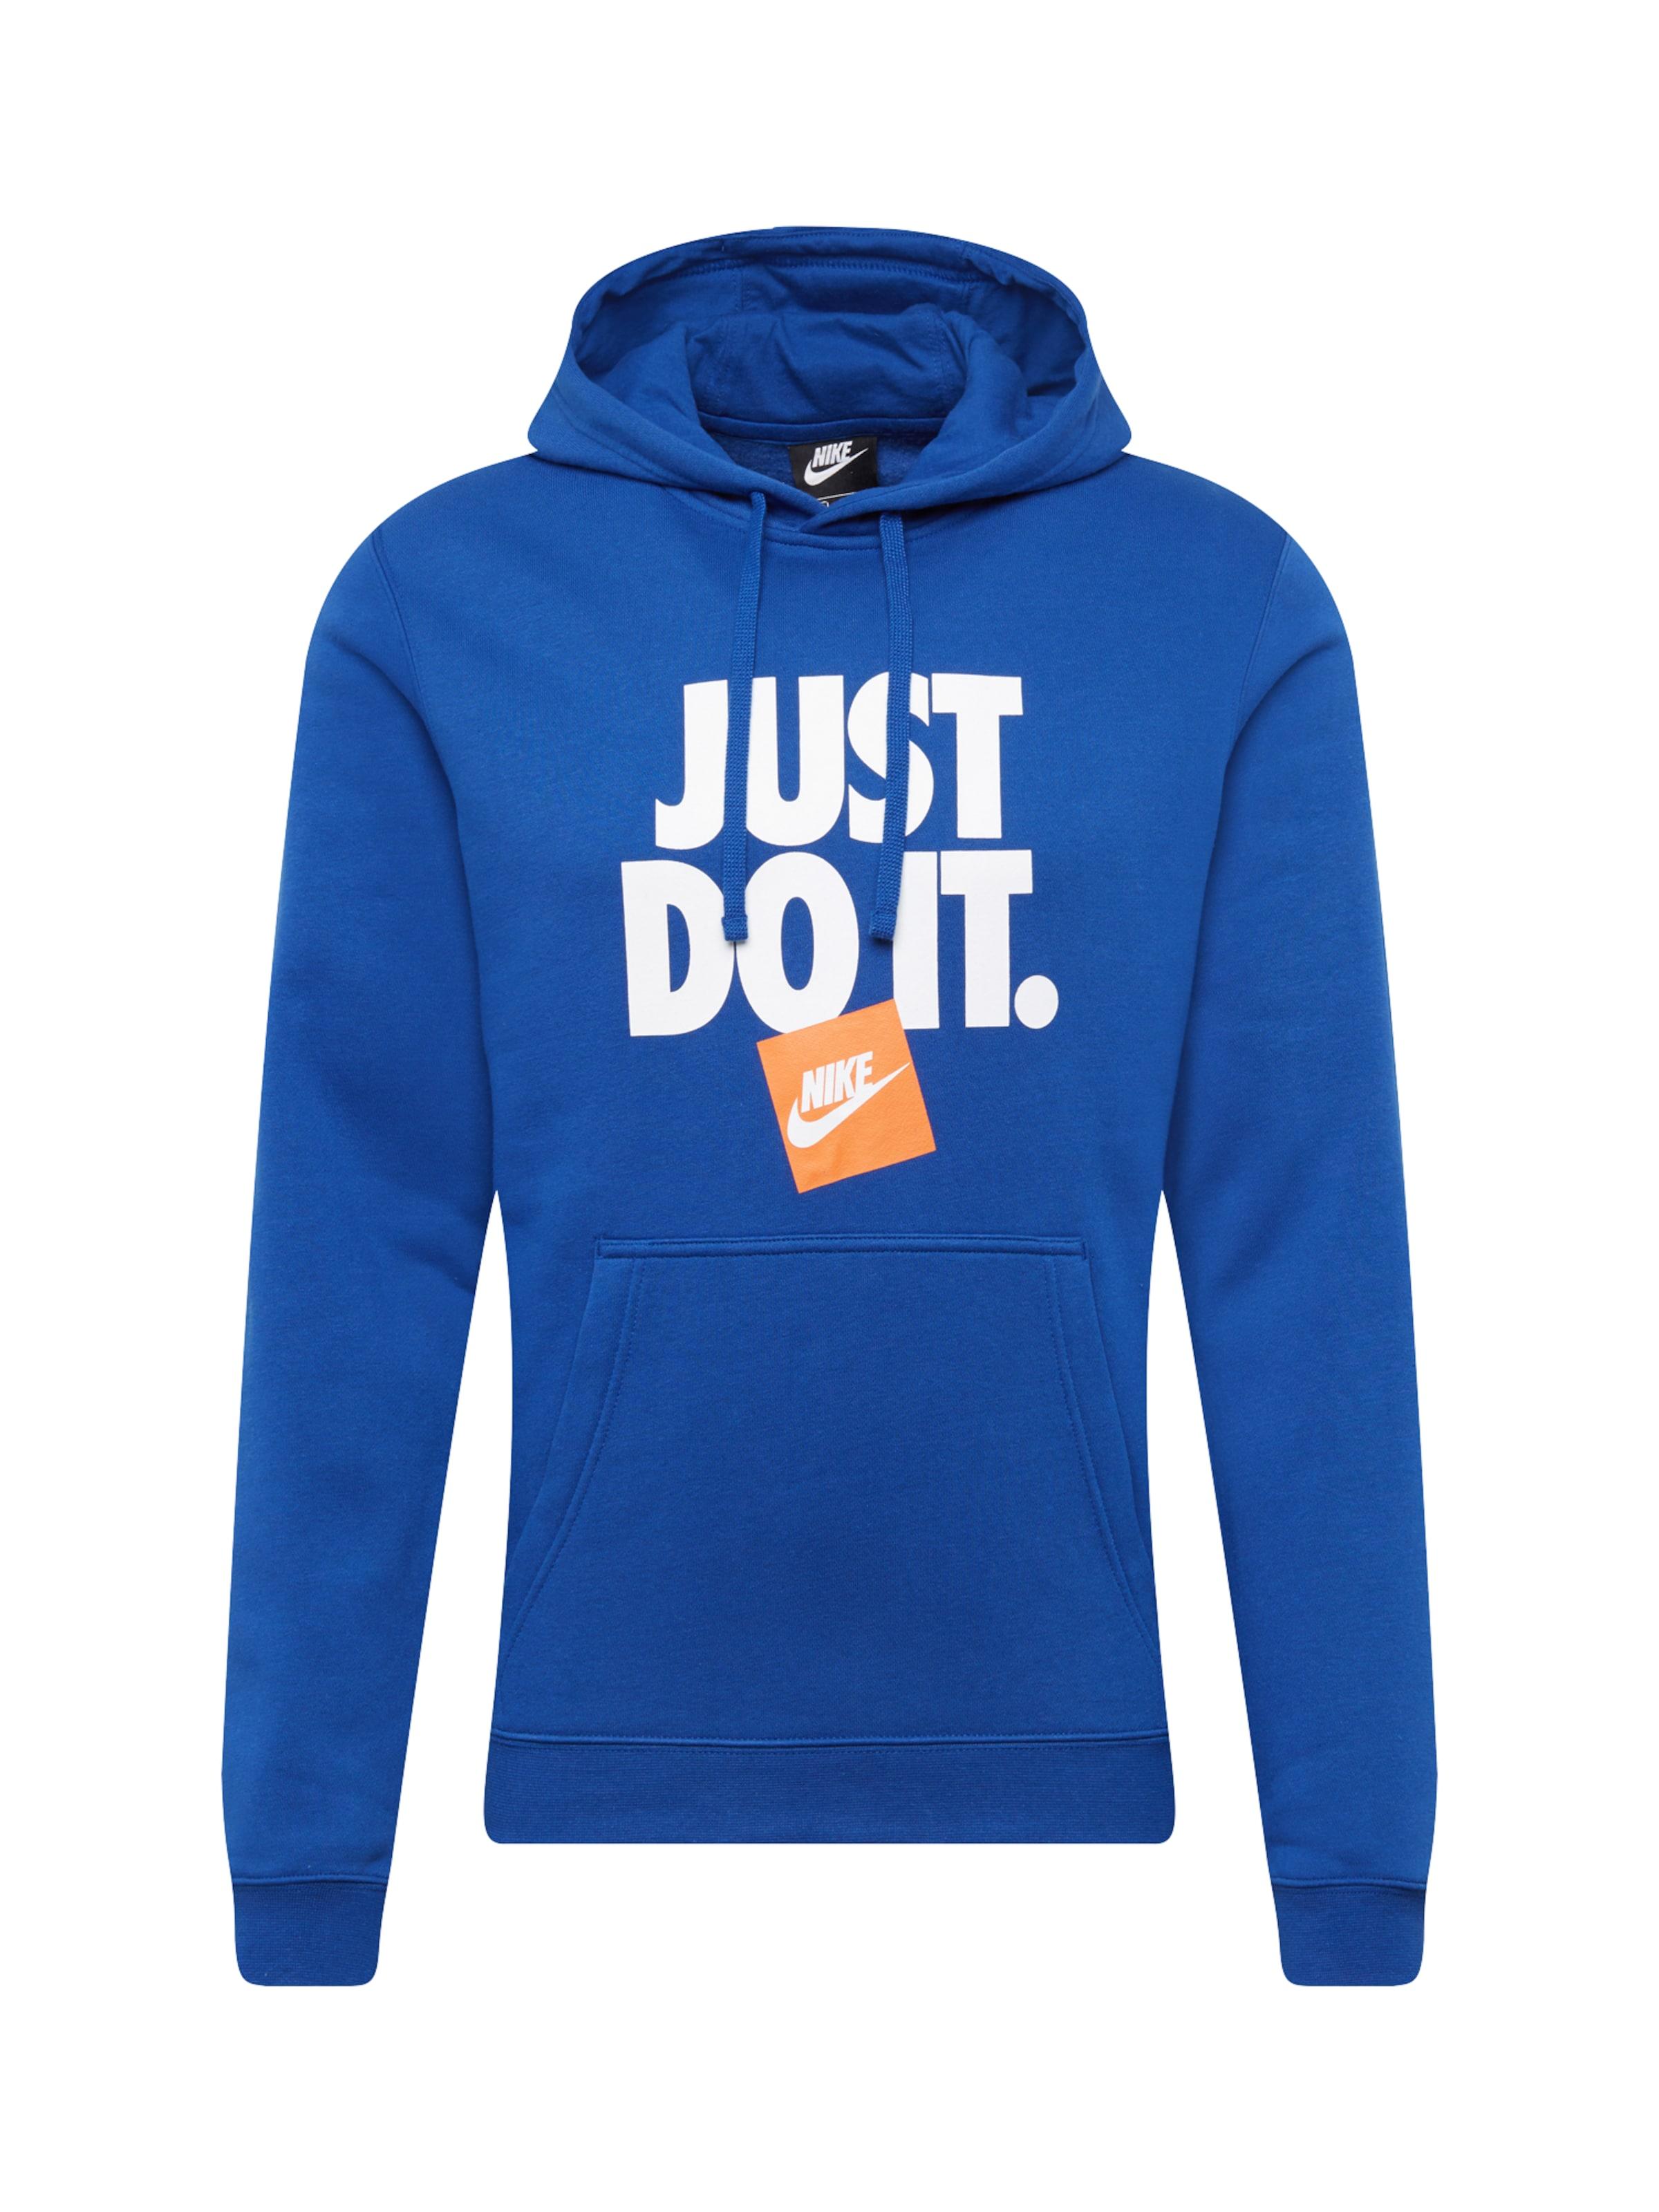 Sportswear Nike Kapuzenpullover BlauWeiß Nike In Sportswear lc5TuFK13J